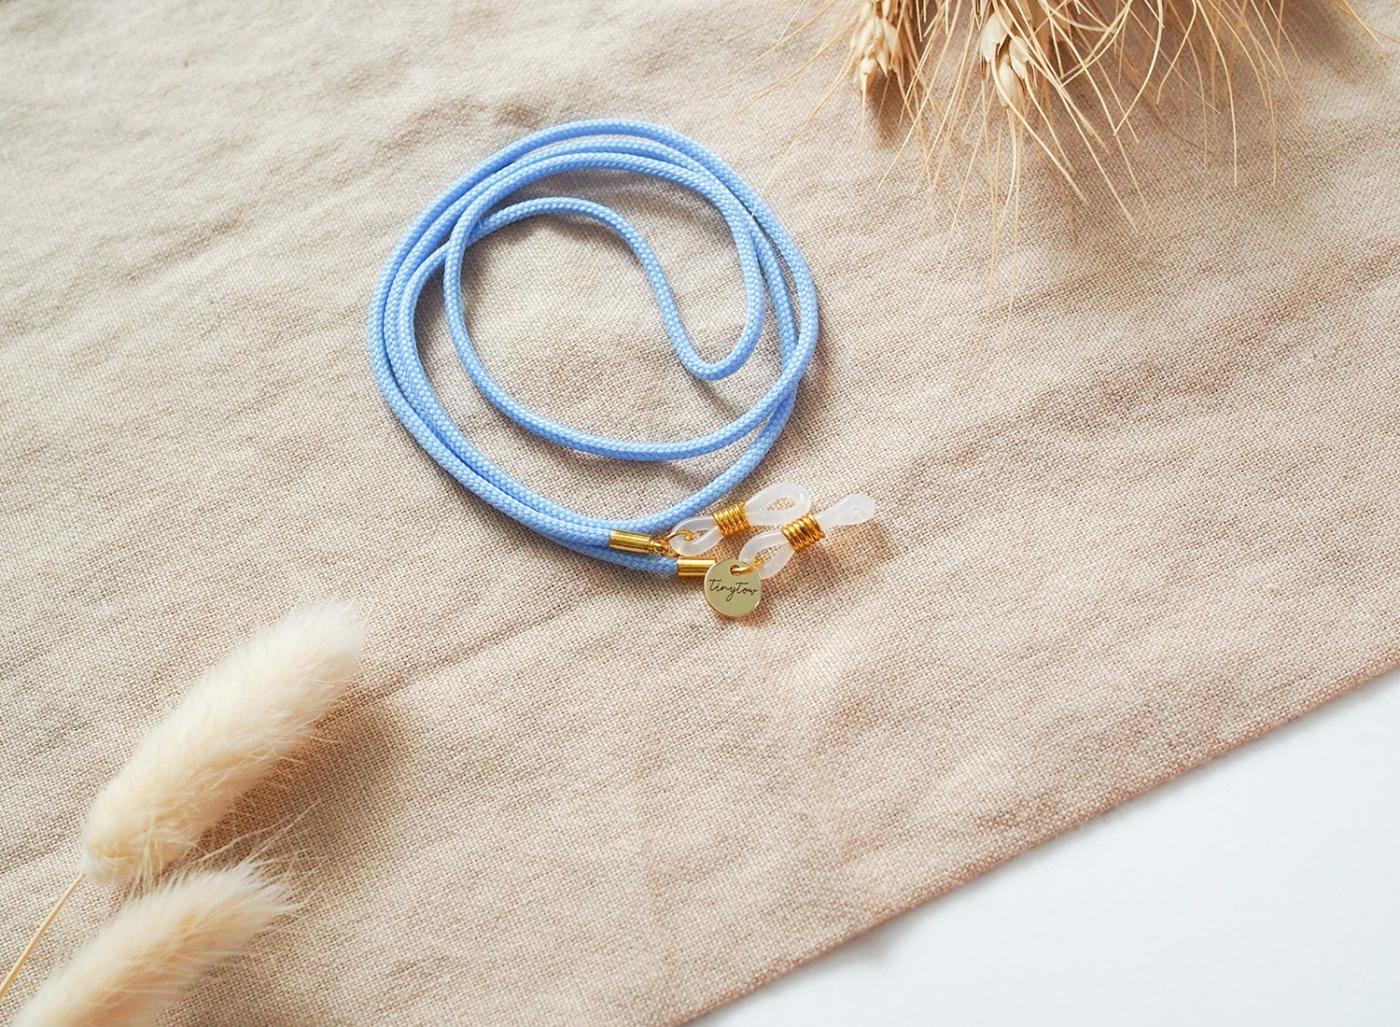 Hellblaues Brillenband mit Silikonschlaufen und goldenen Details.